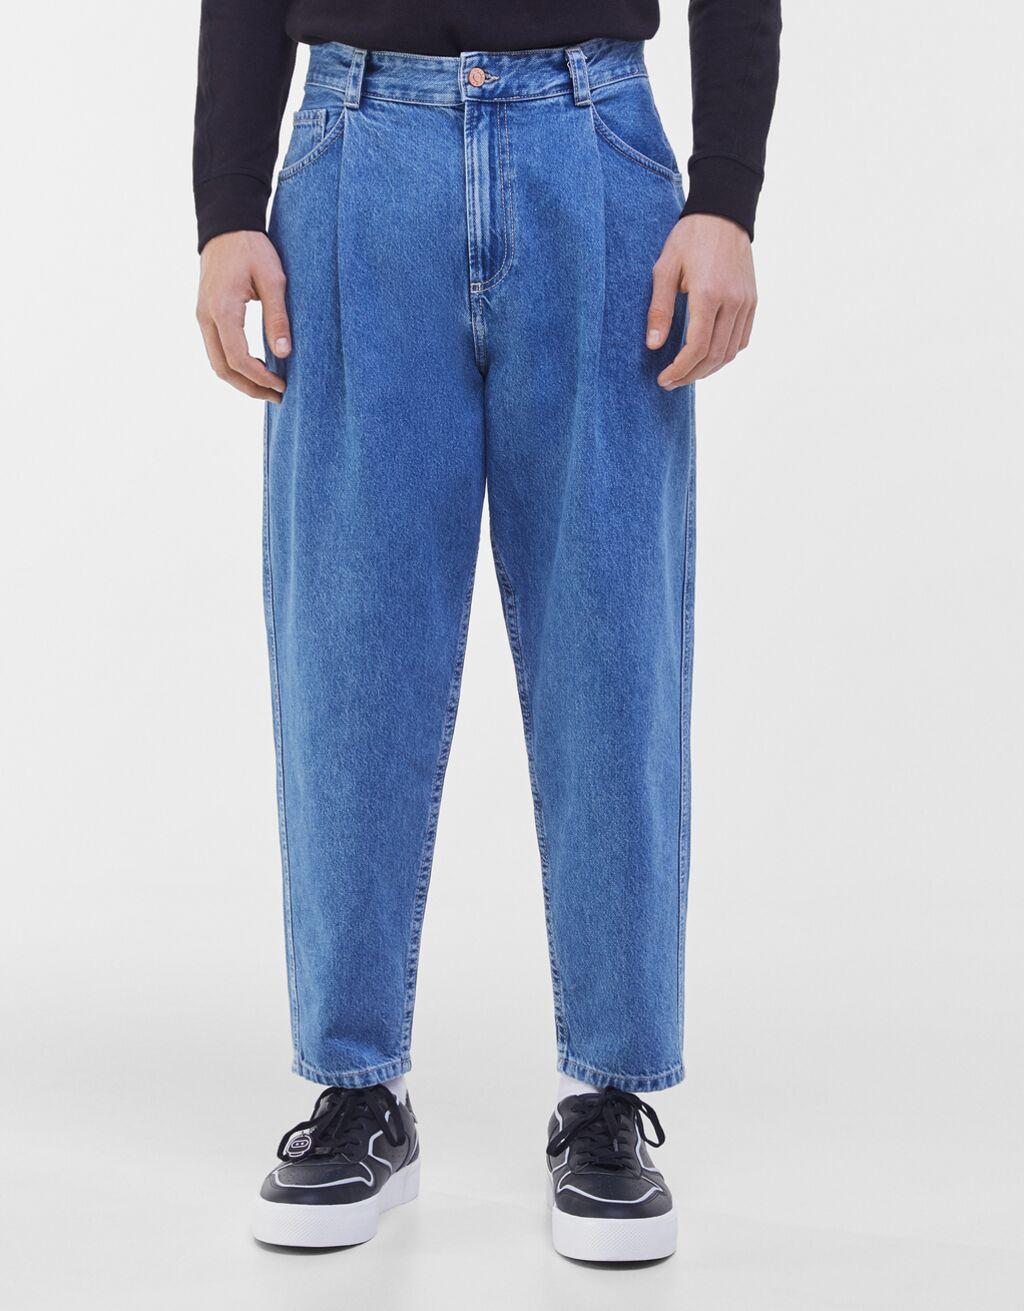 Jeans de corte balloon